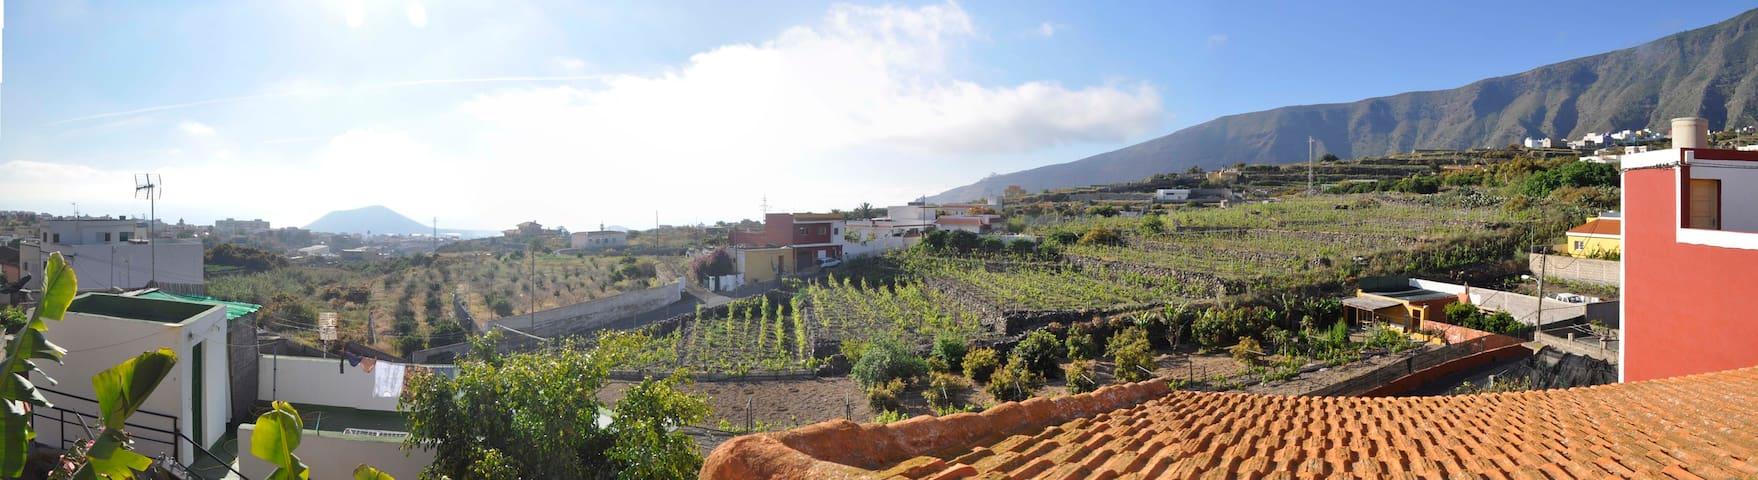 Casa rural con vistas - Güímar - Ev